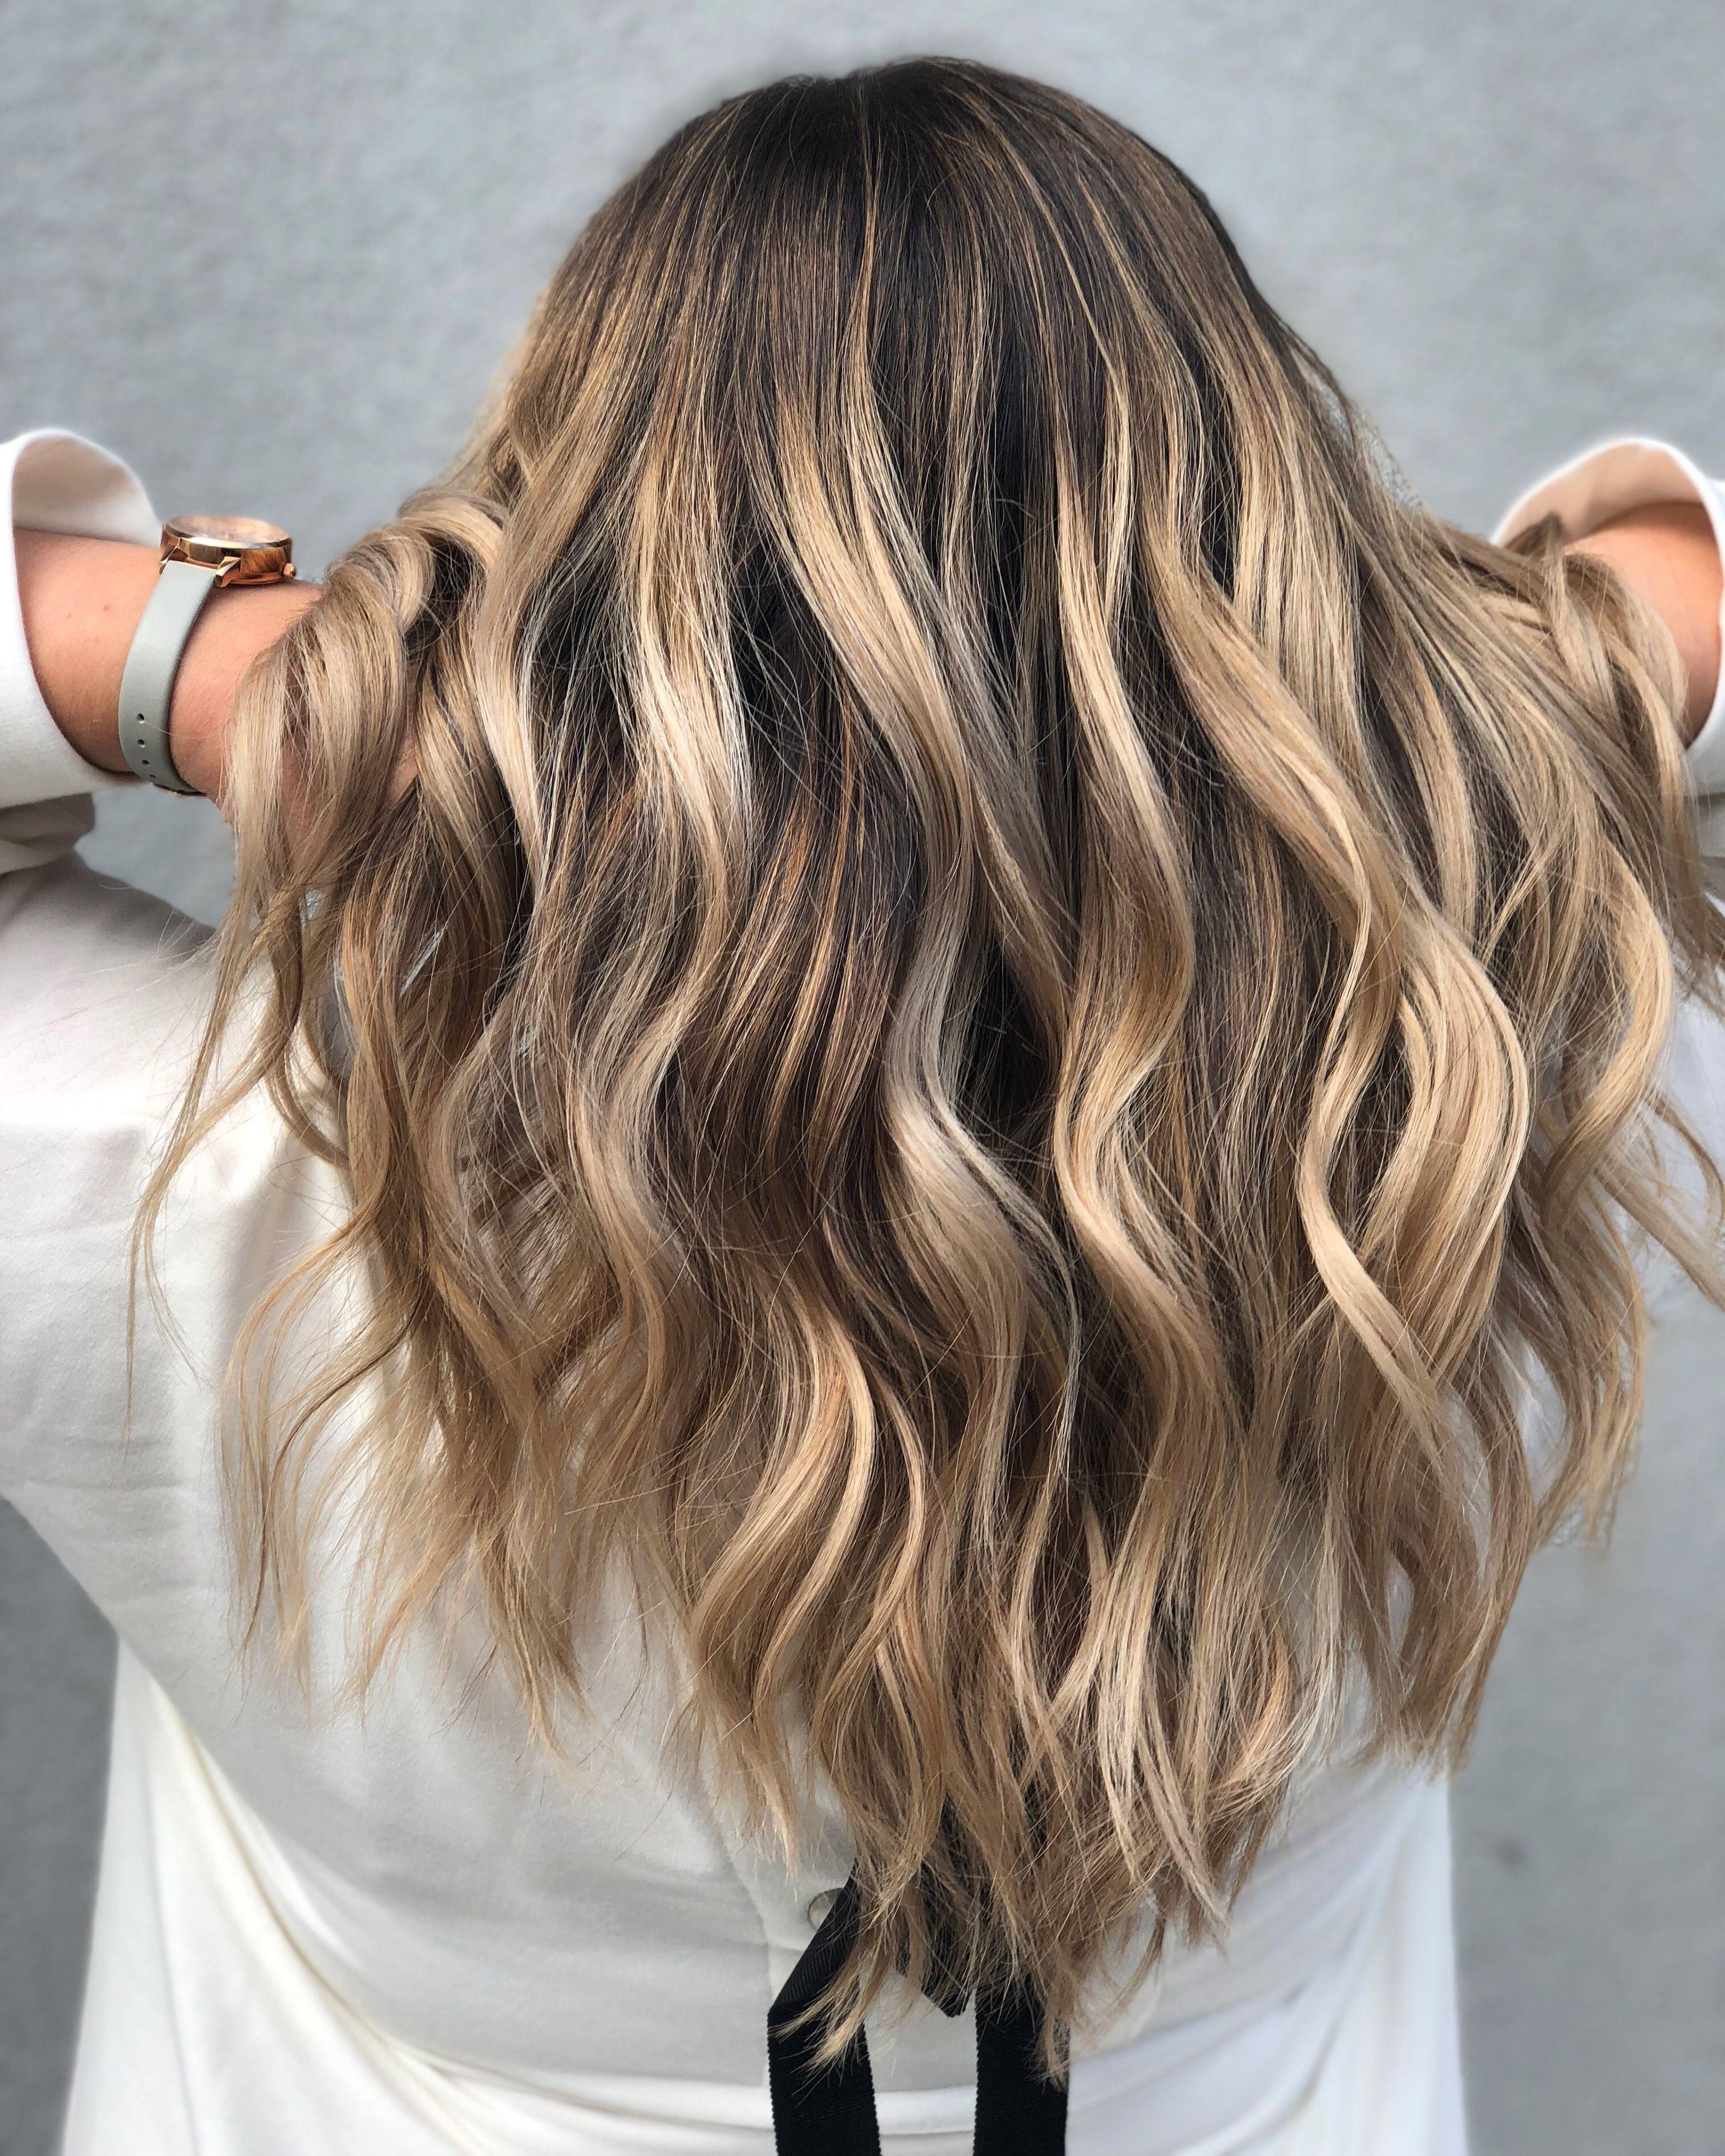 Yeni Trend: Bronde Saç Rengi ve Modelleri 2019